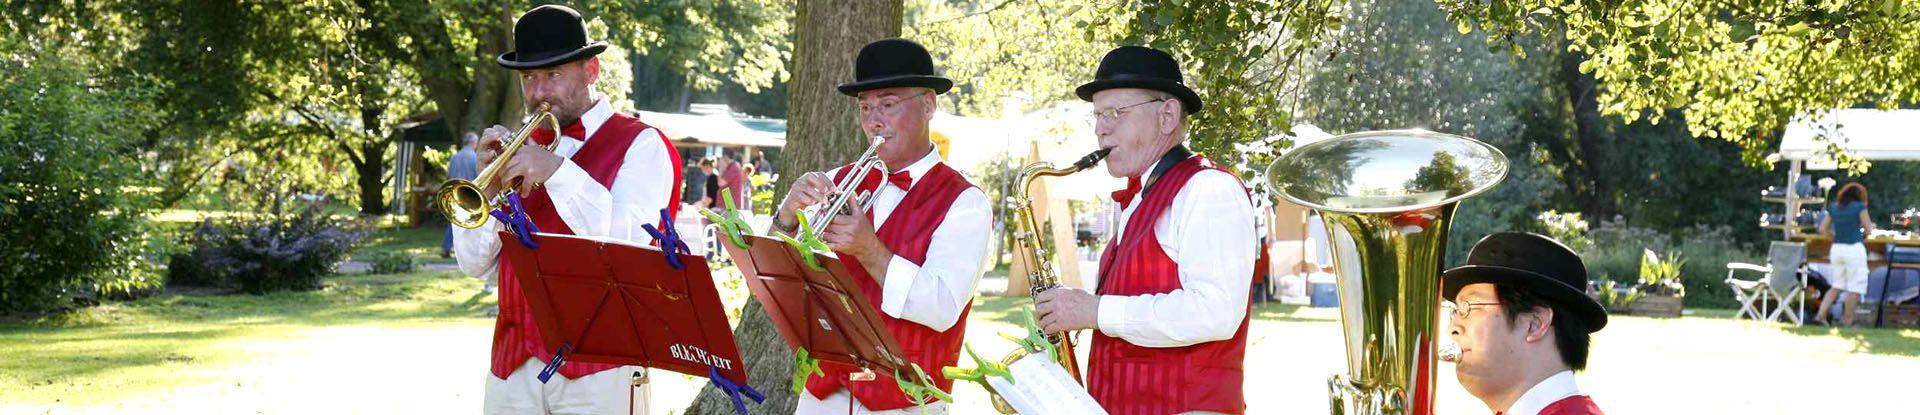 Konzert im Kurpark von Bad Bevensen